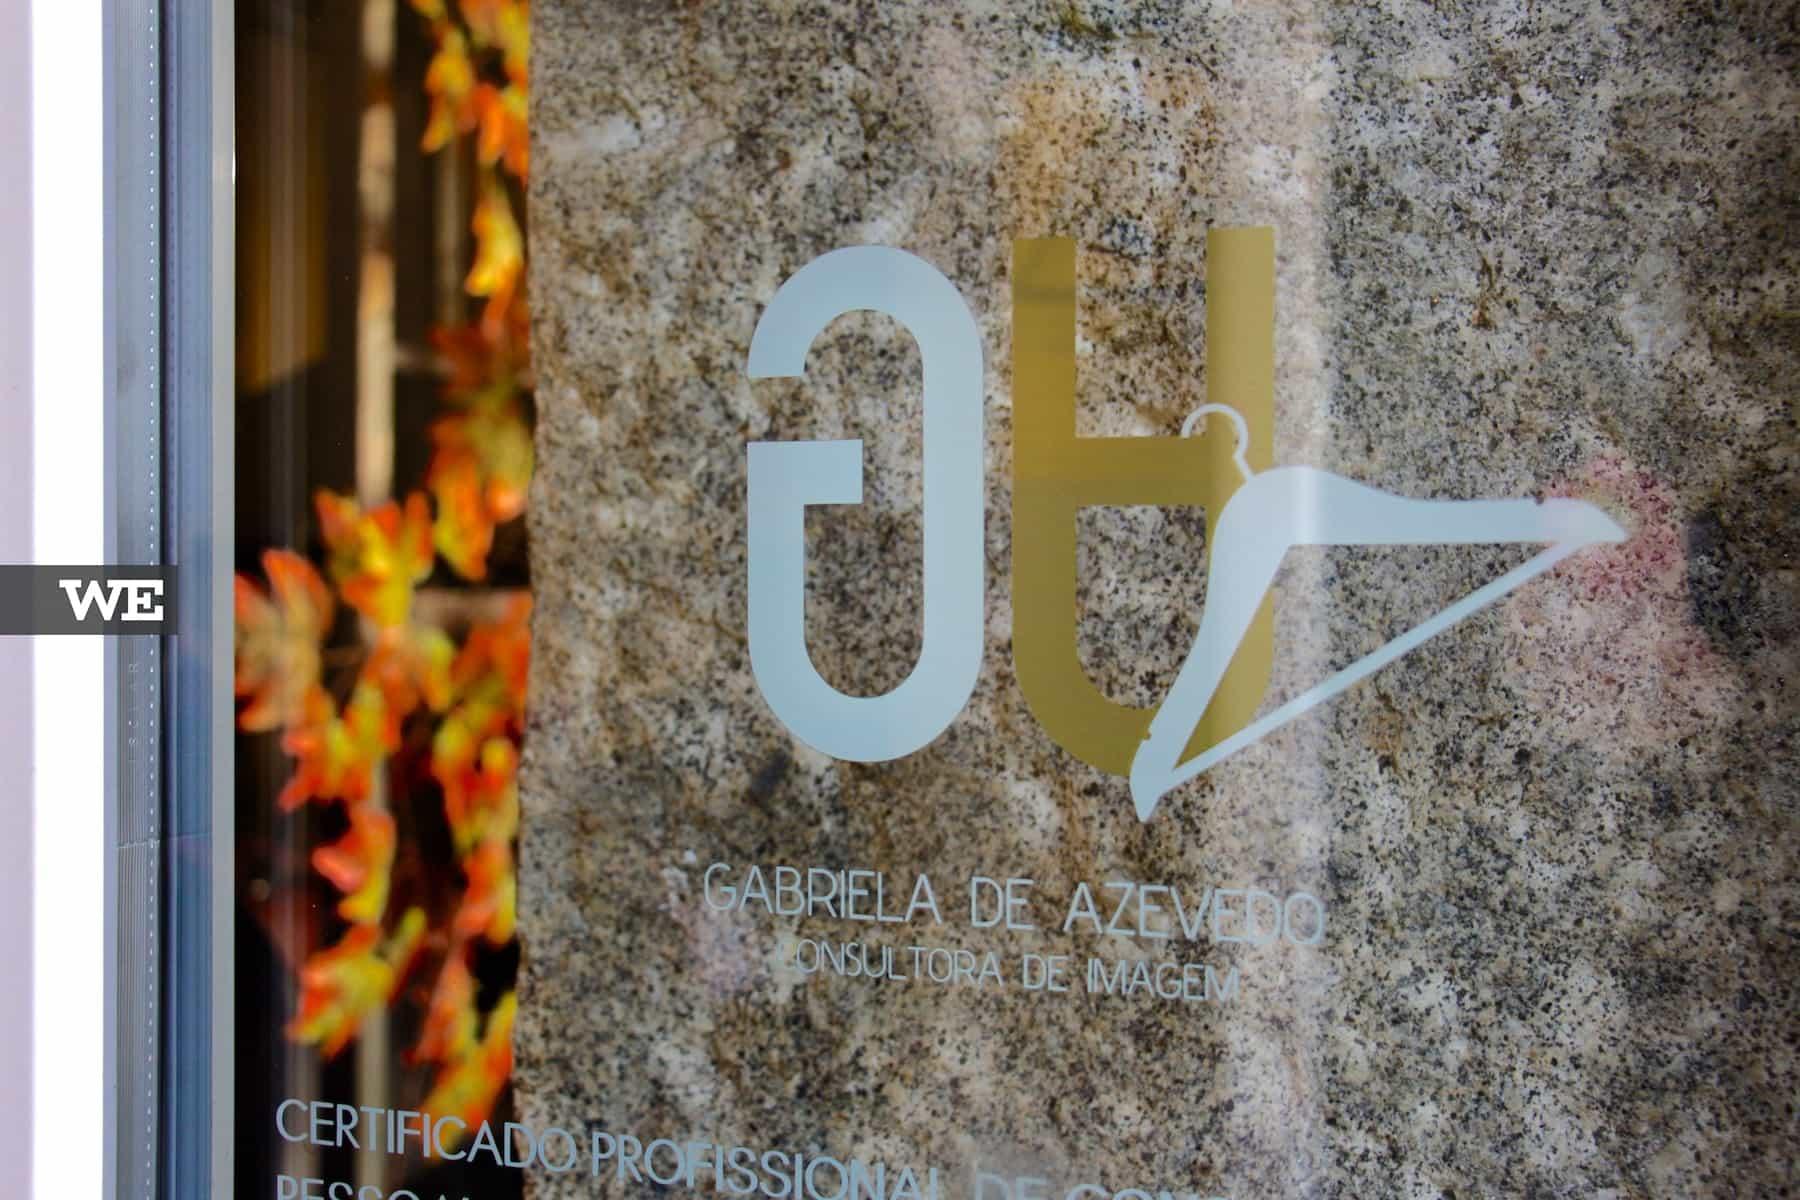 Gabriela Azevedo - Consultora de Imagem e de roupa de mulher